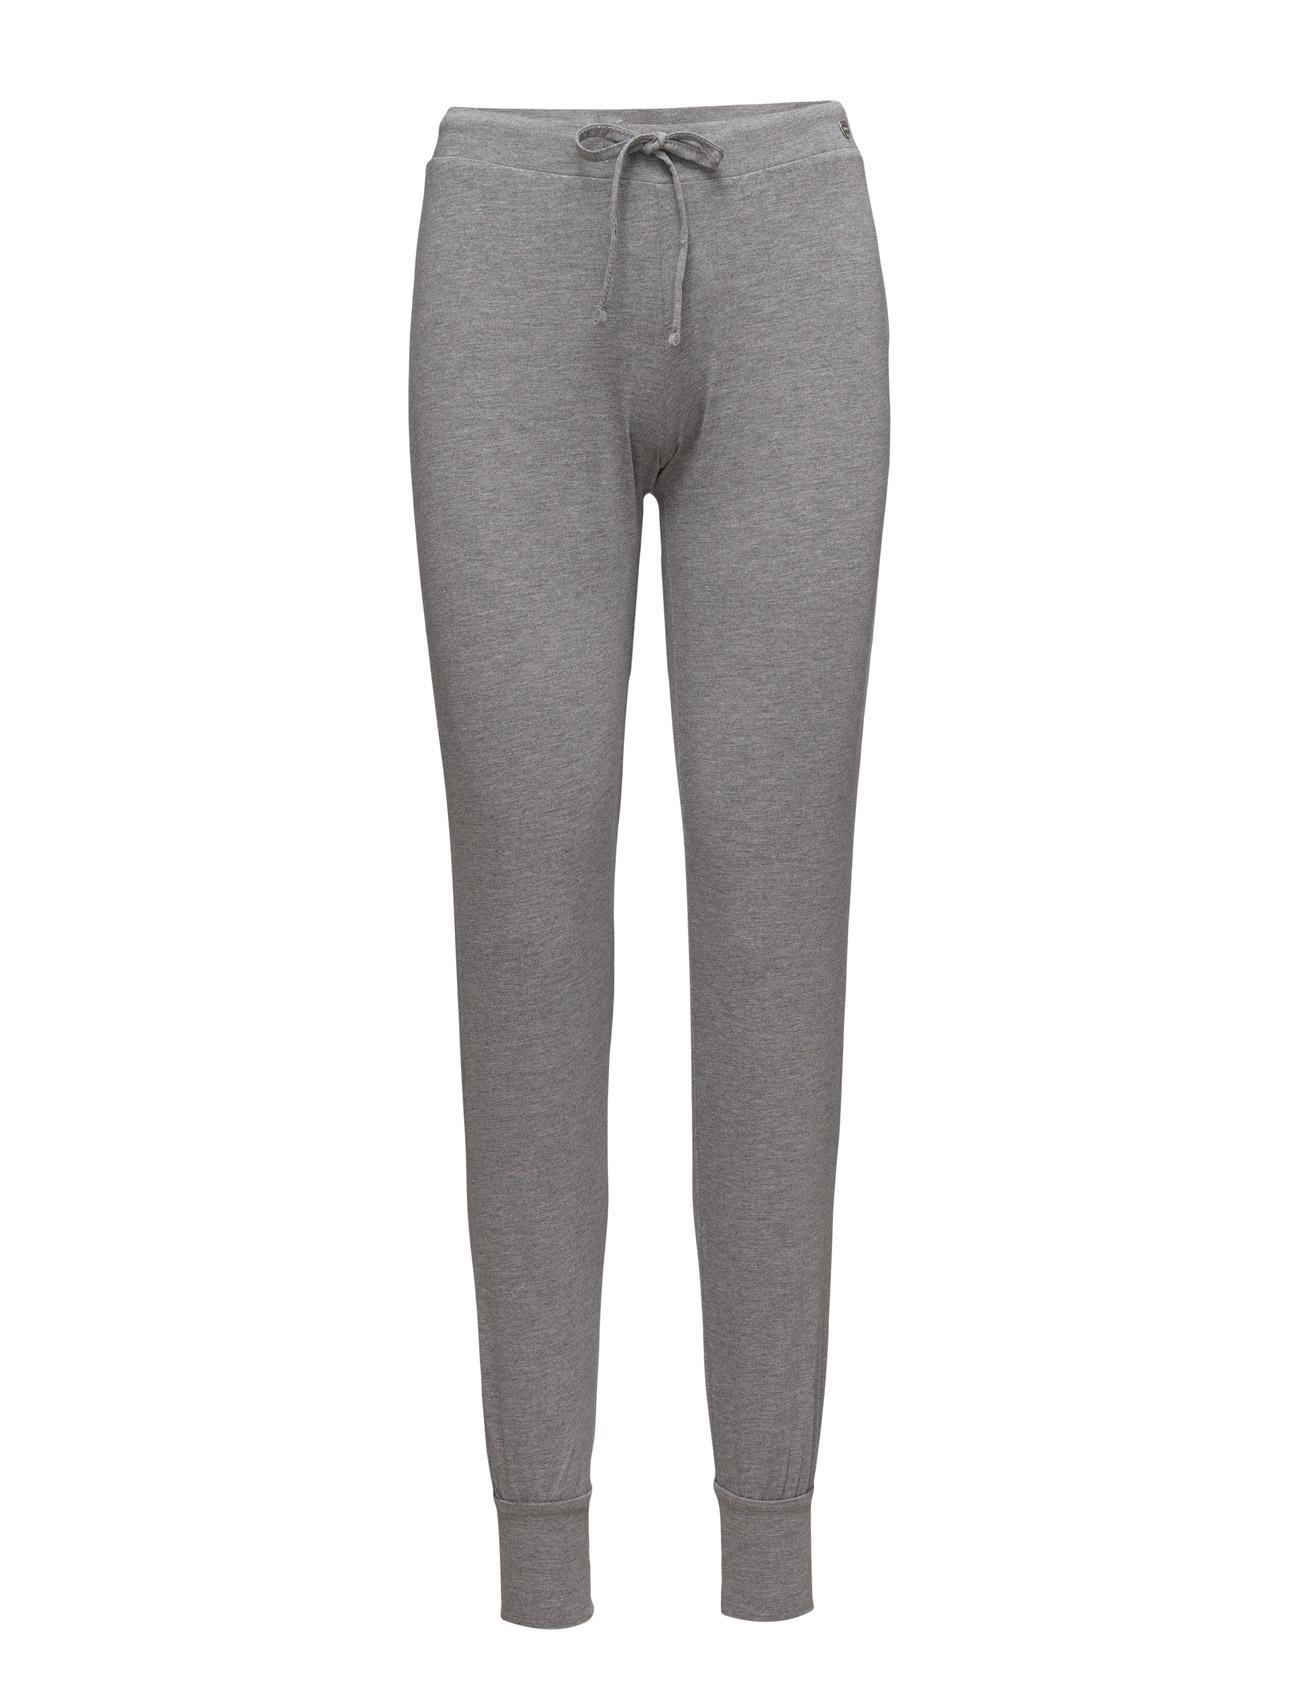 Nightpants Esprit Bodywear Women Loungewear til Damer i